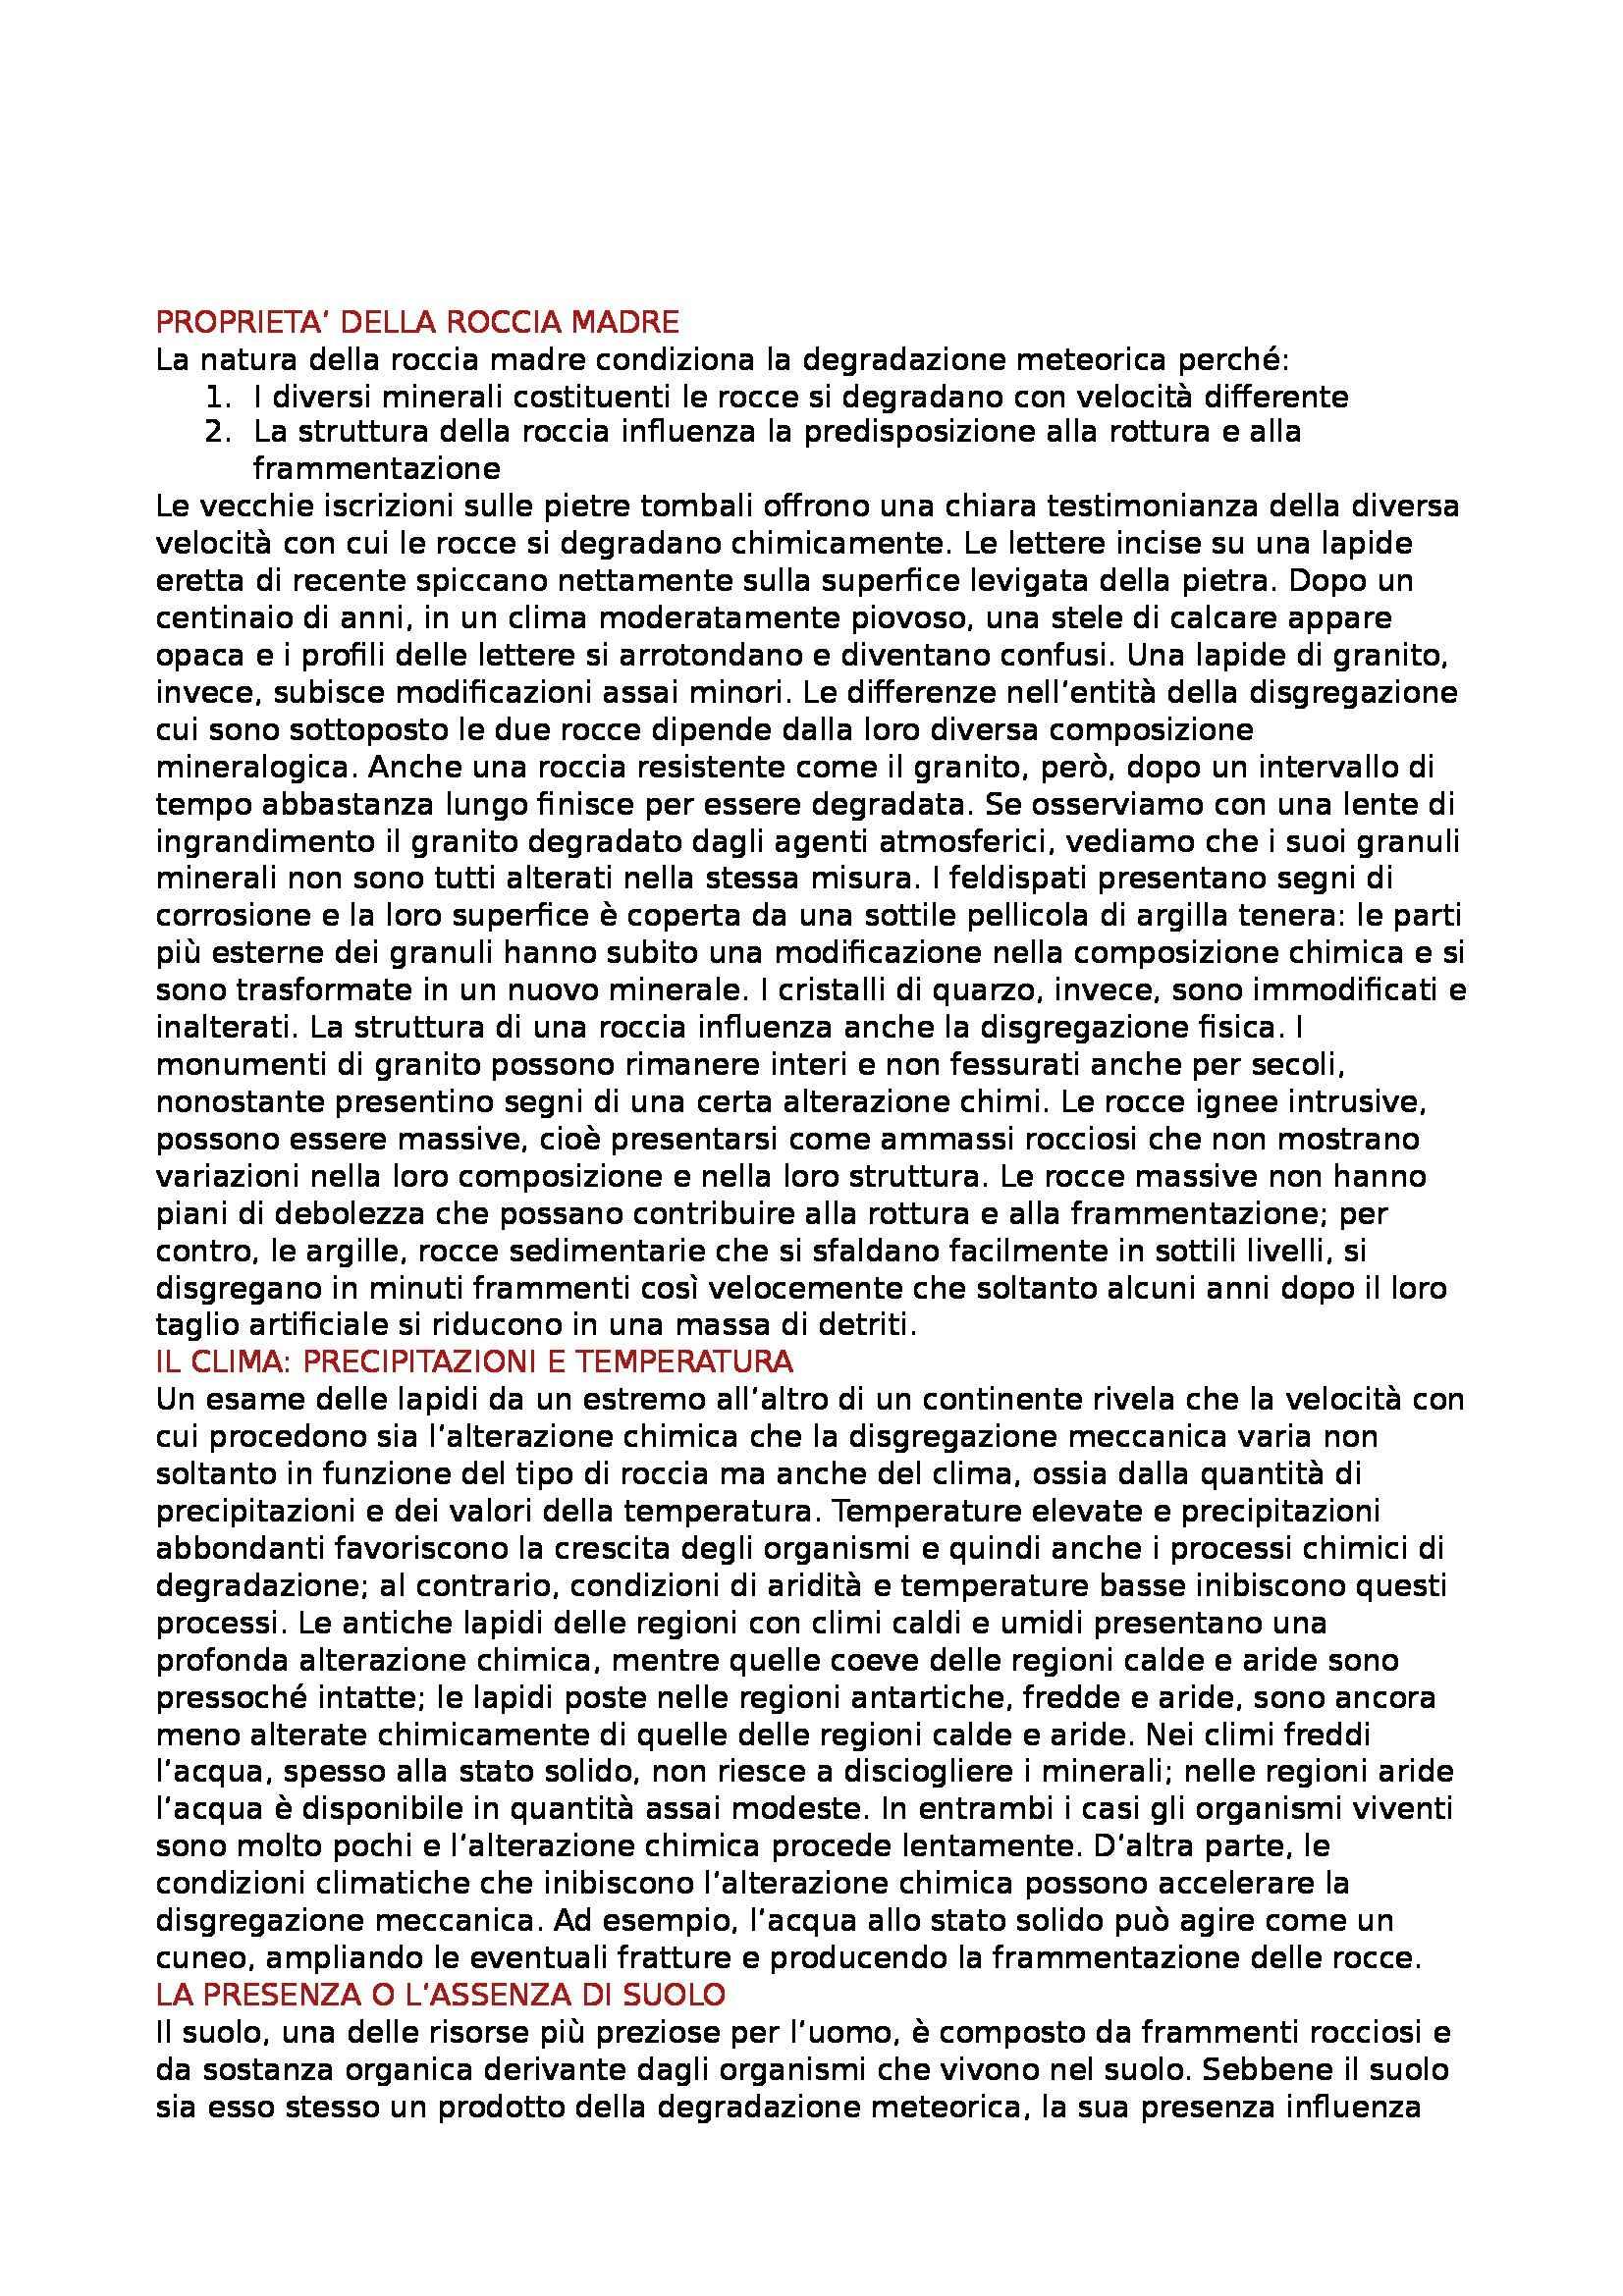 Geografia fisica - degradazione meteorica ed erosione Pag. 2